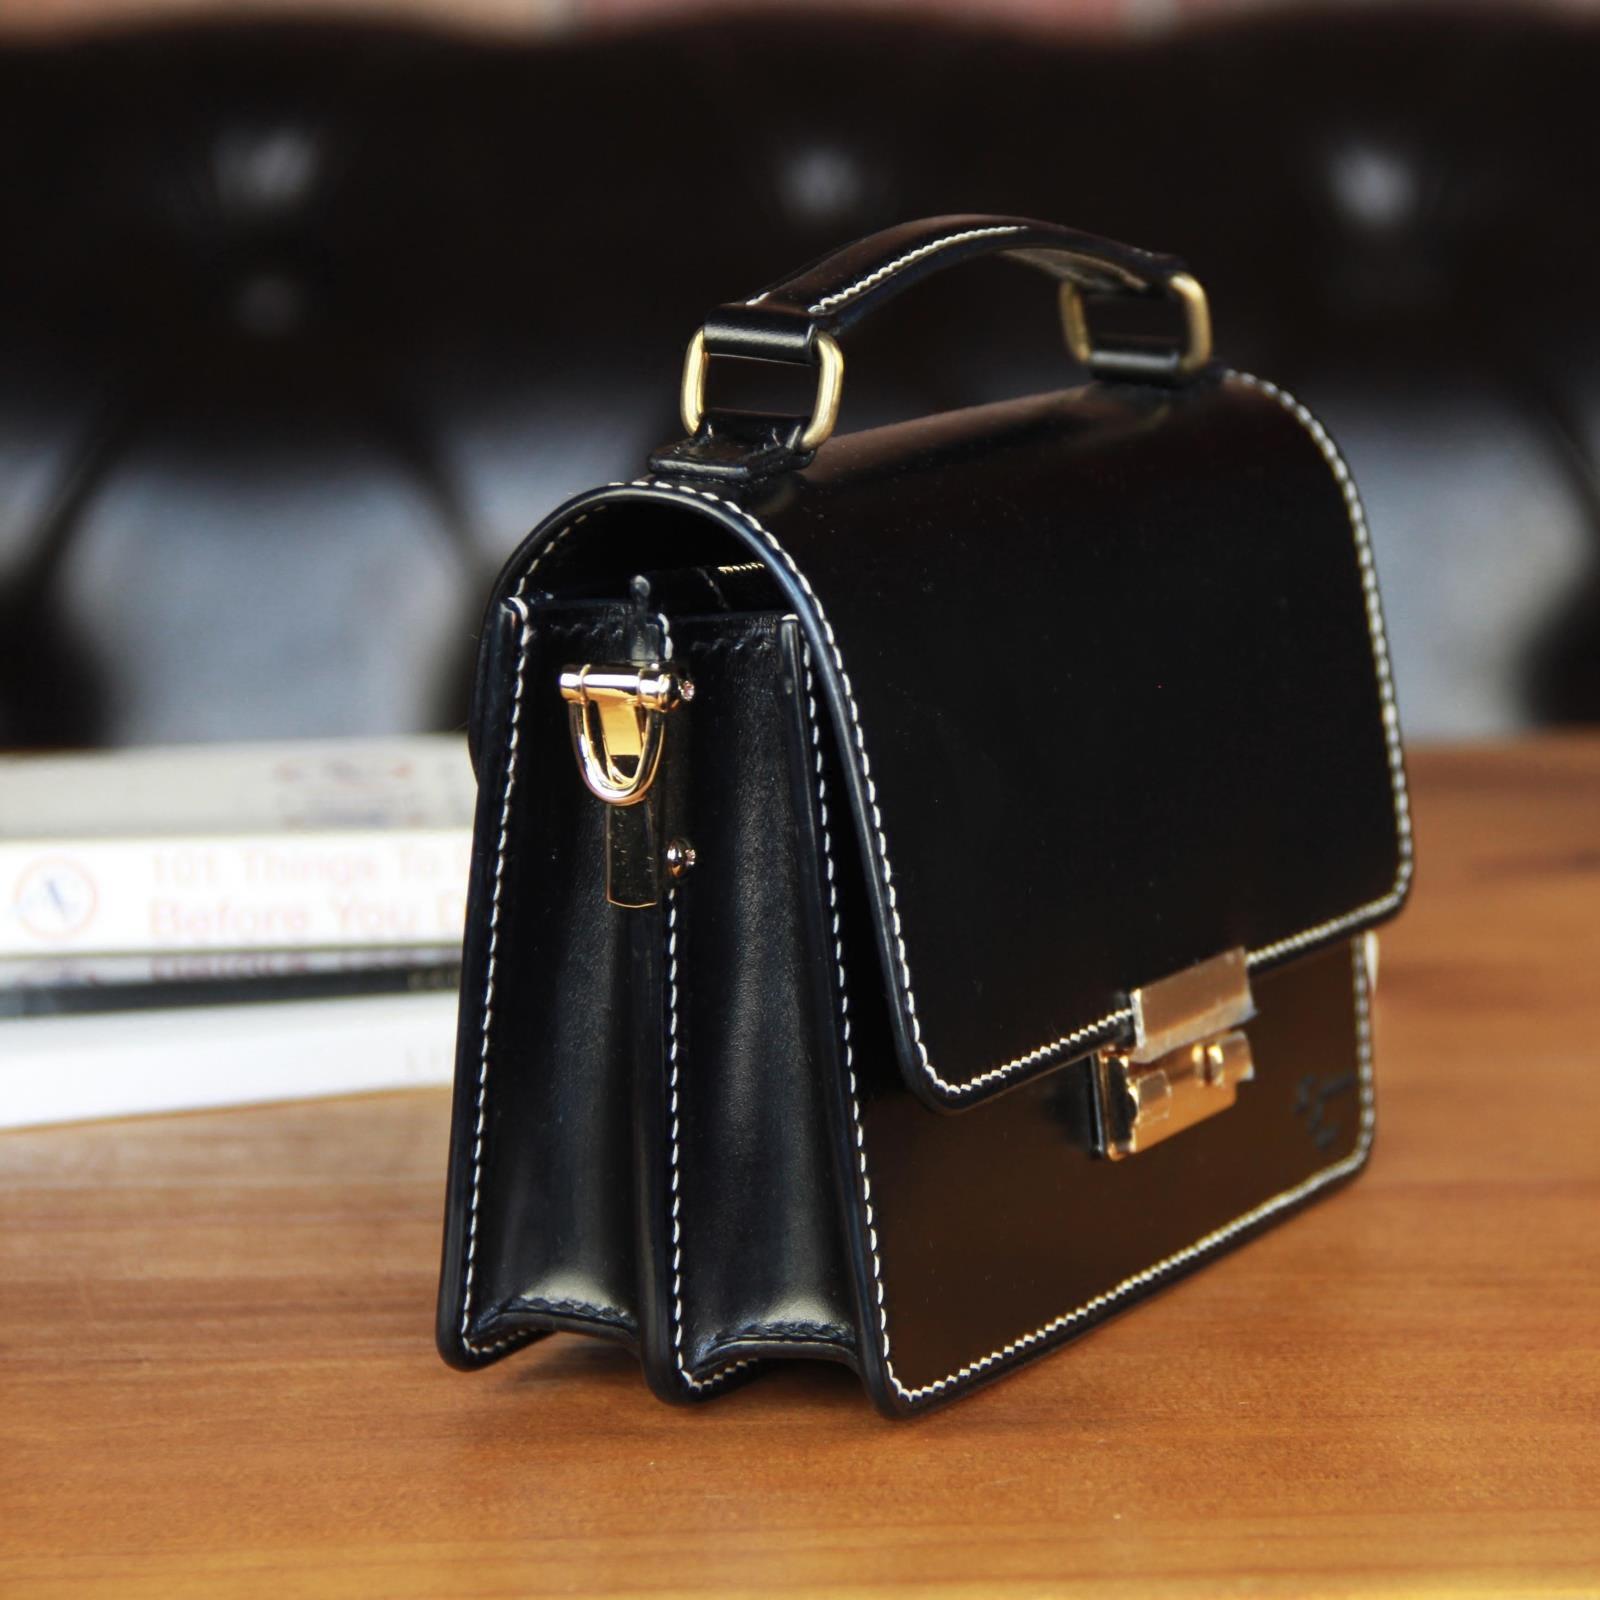 1923手工皮具定制 真皮链条锁扣女随身小方包 百搭手提单肩斜跨包